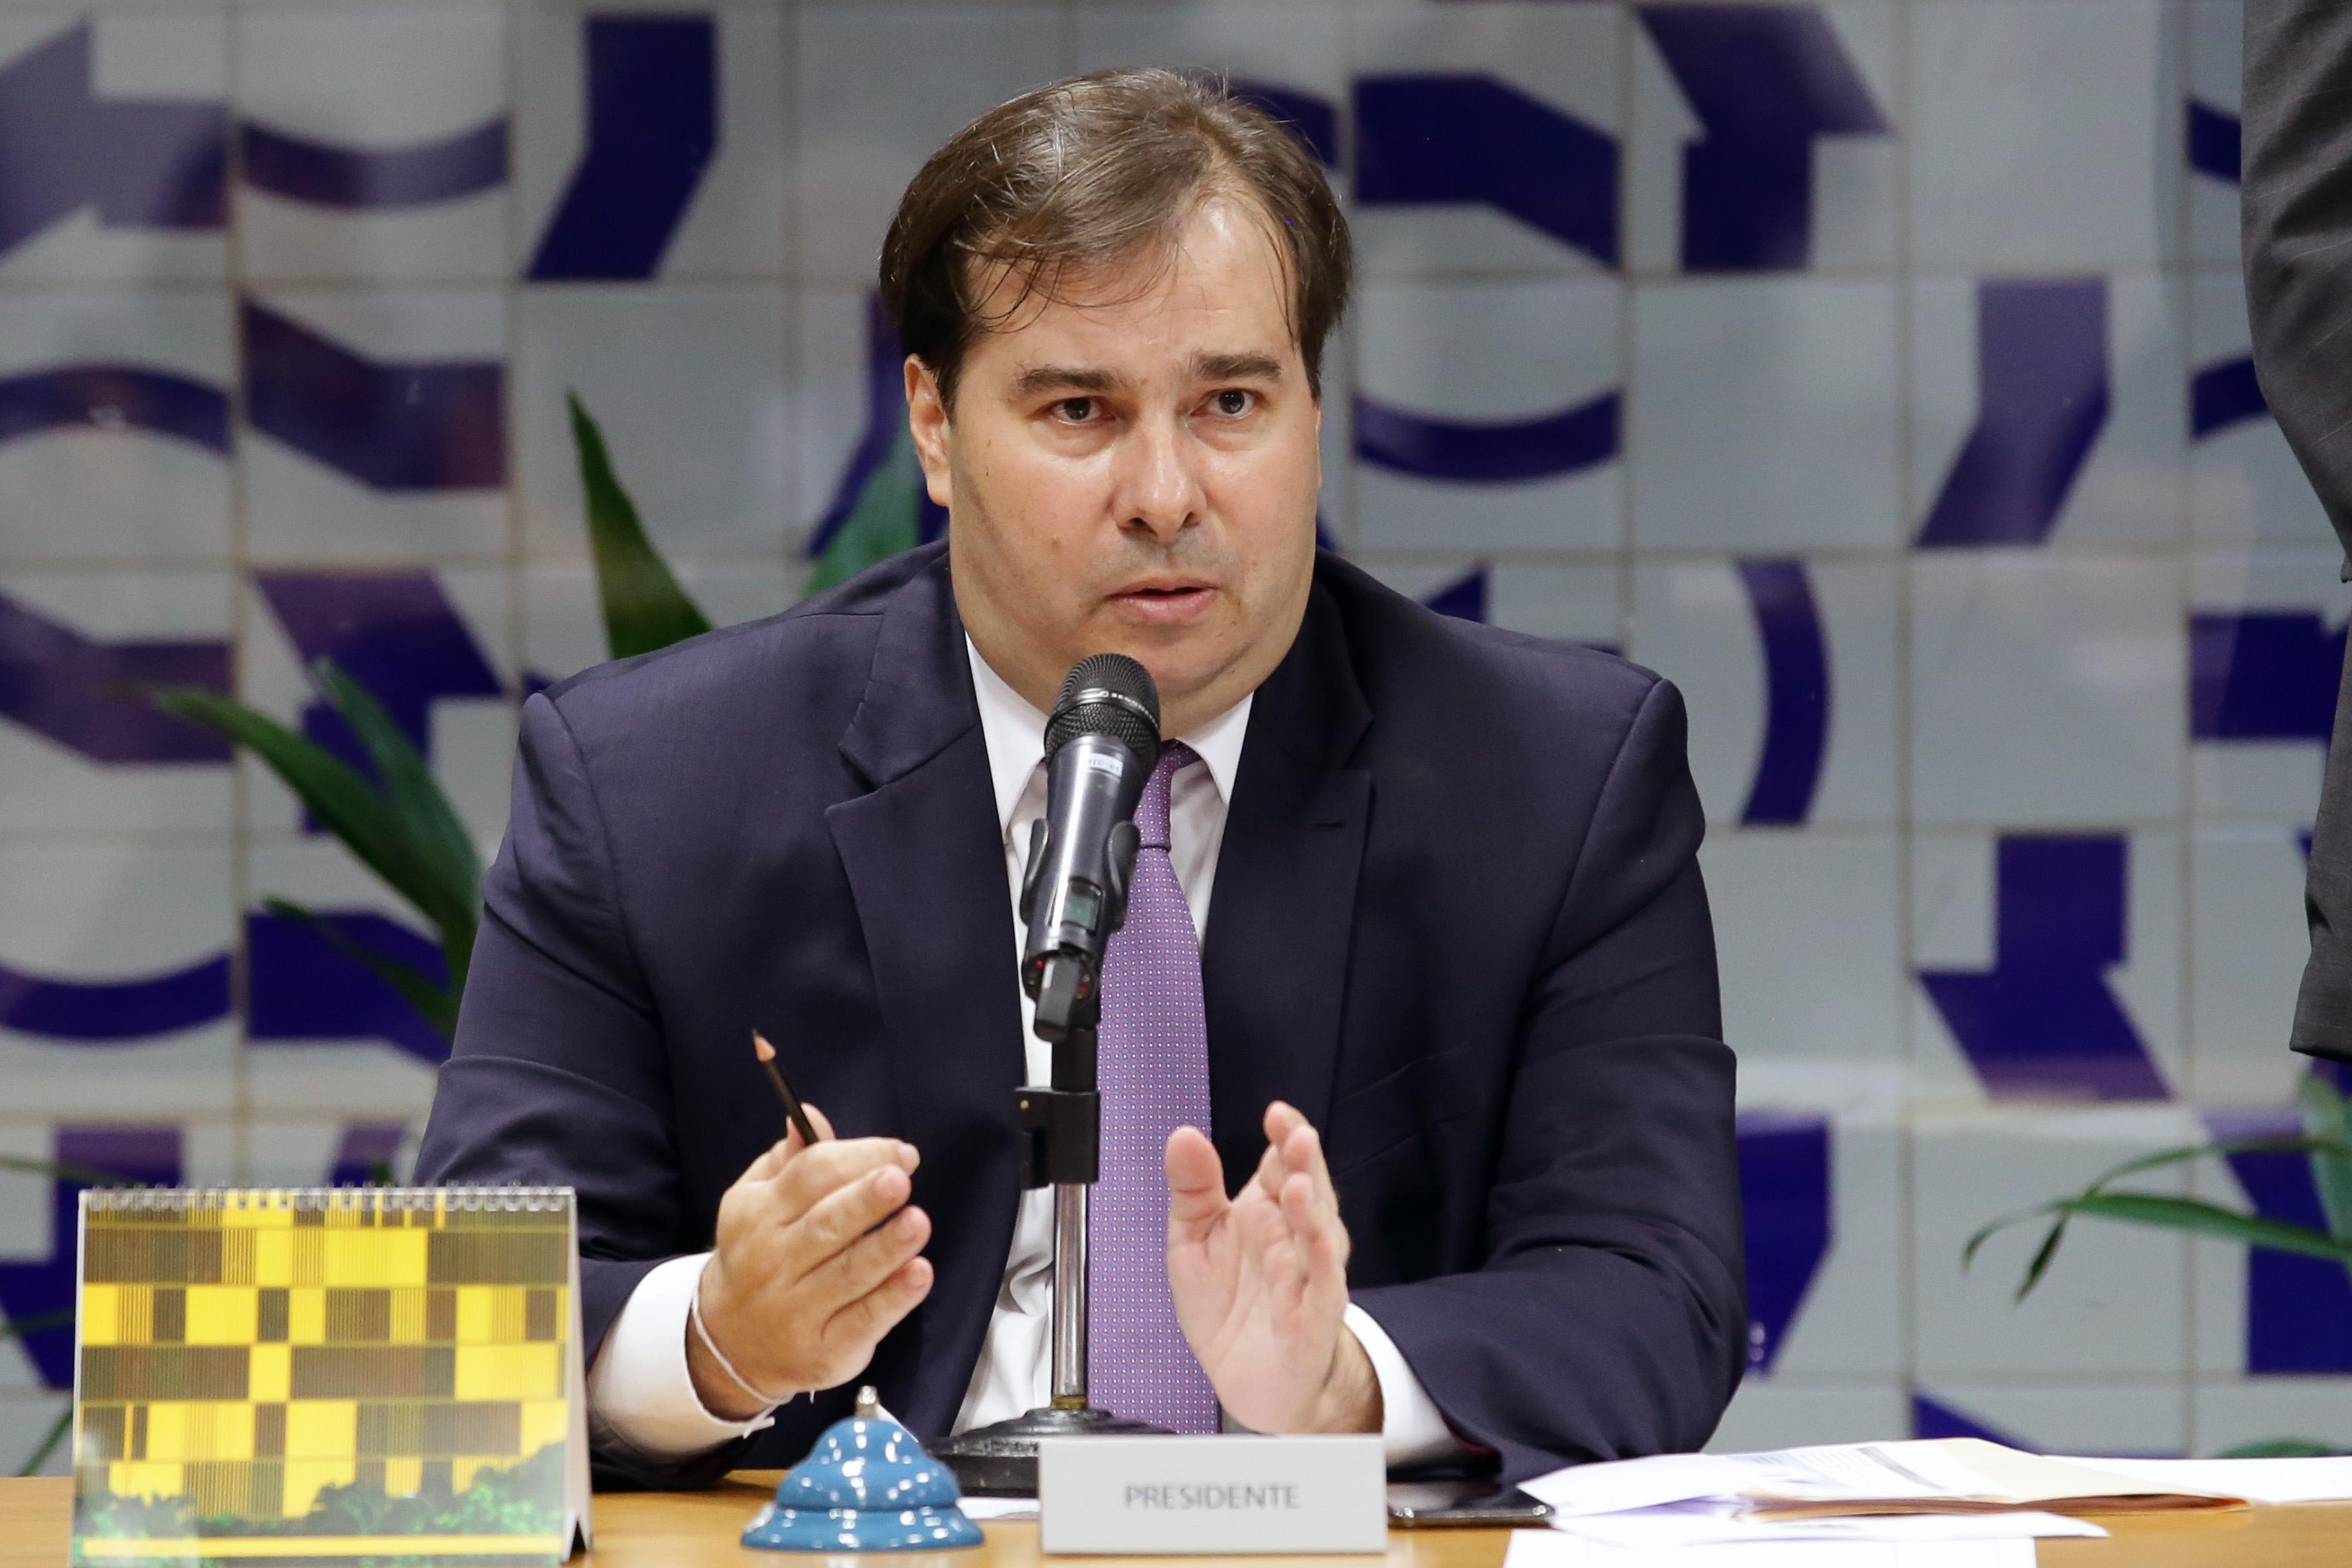 Reunião de líderes para definição da pauta da semana. Presidente da Câmara dos Deputados, Dep. Rodrigo Maia (DEM-RJ)